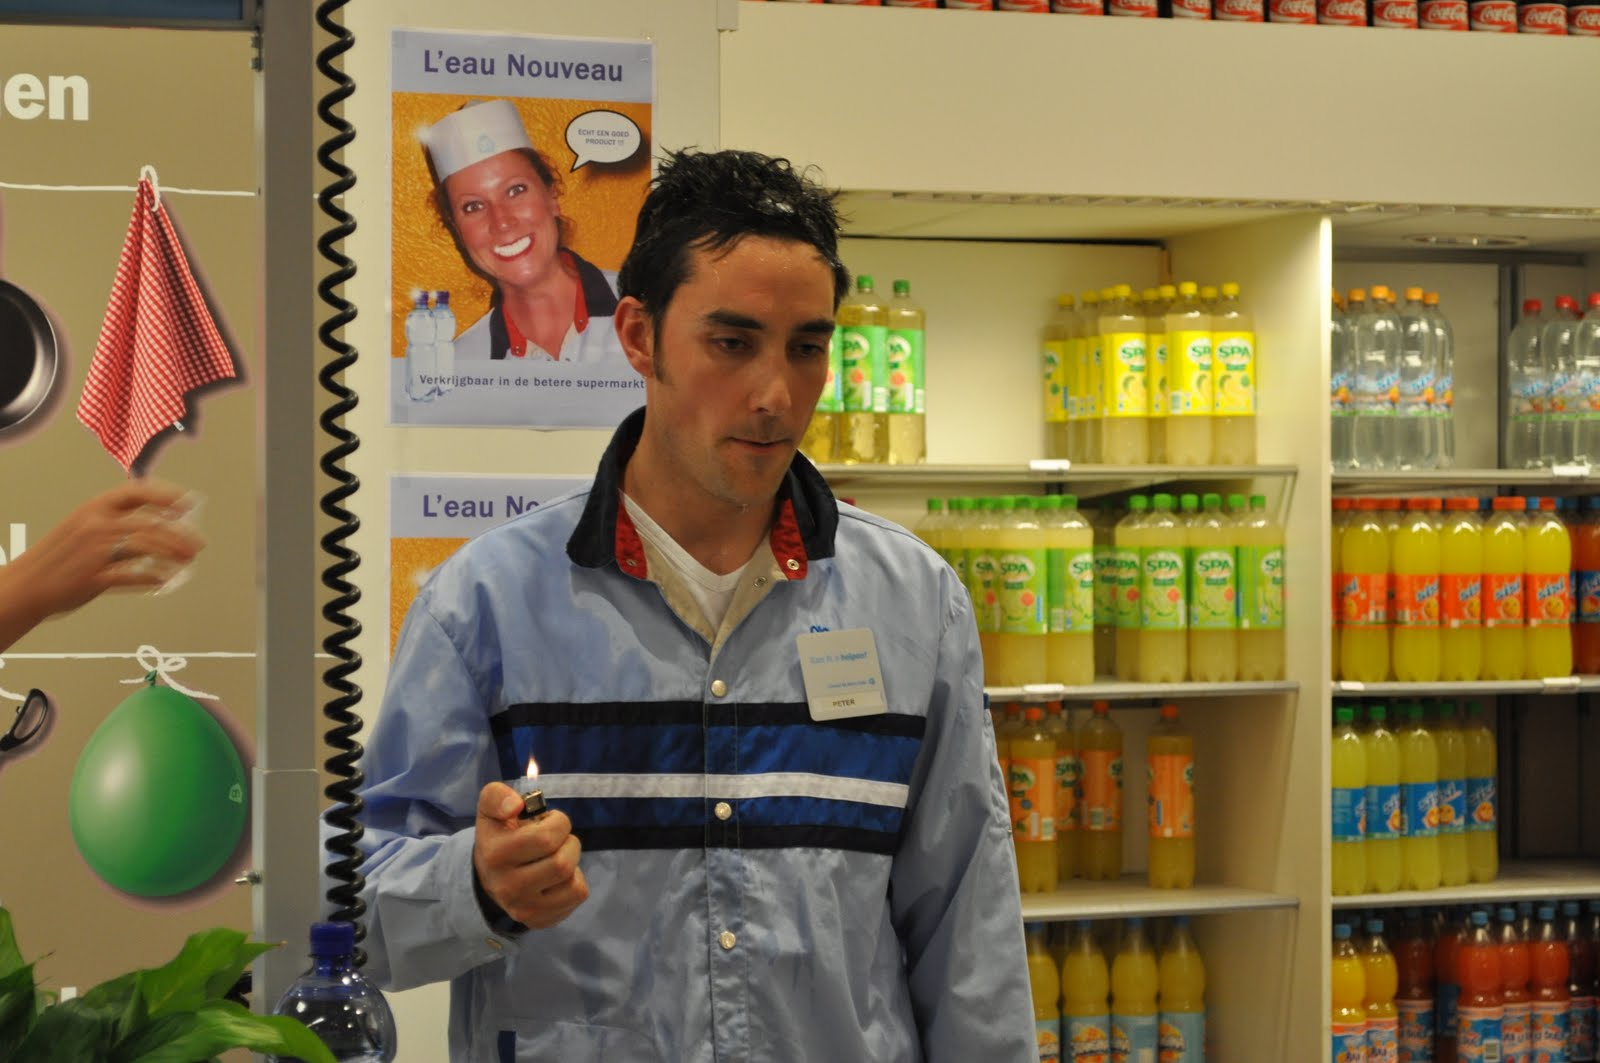 Zeevuh_AHXL_2010-06-07 - 21-20-19